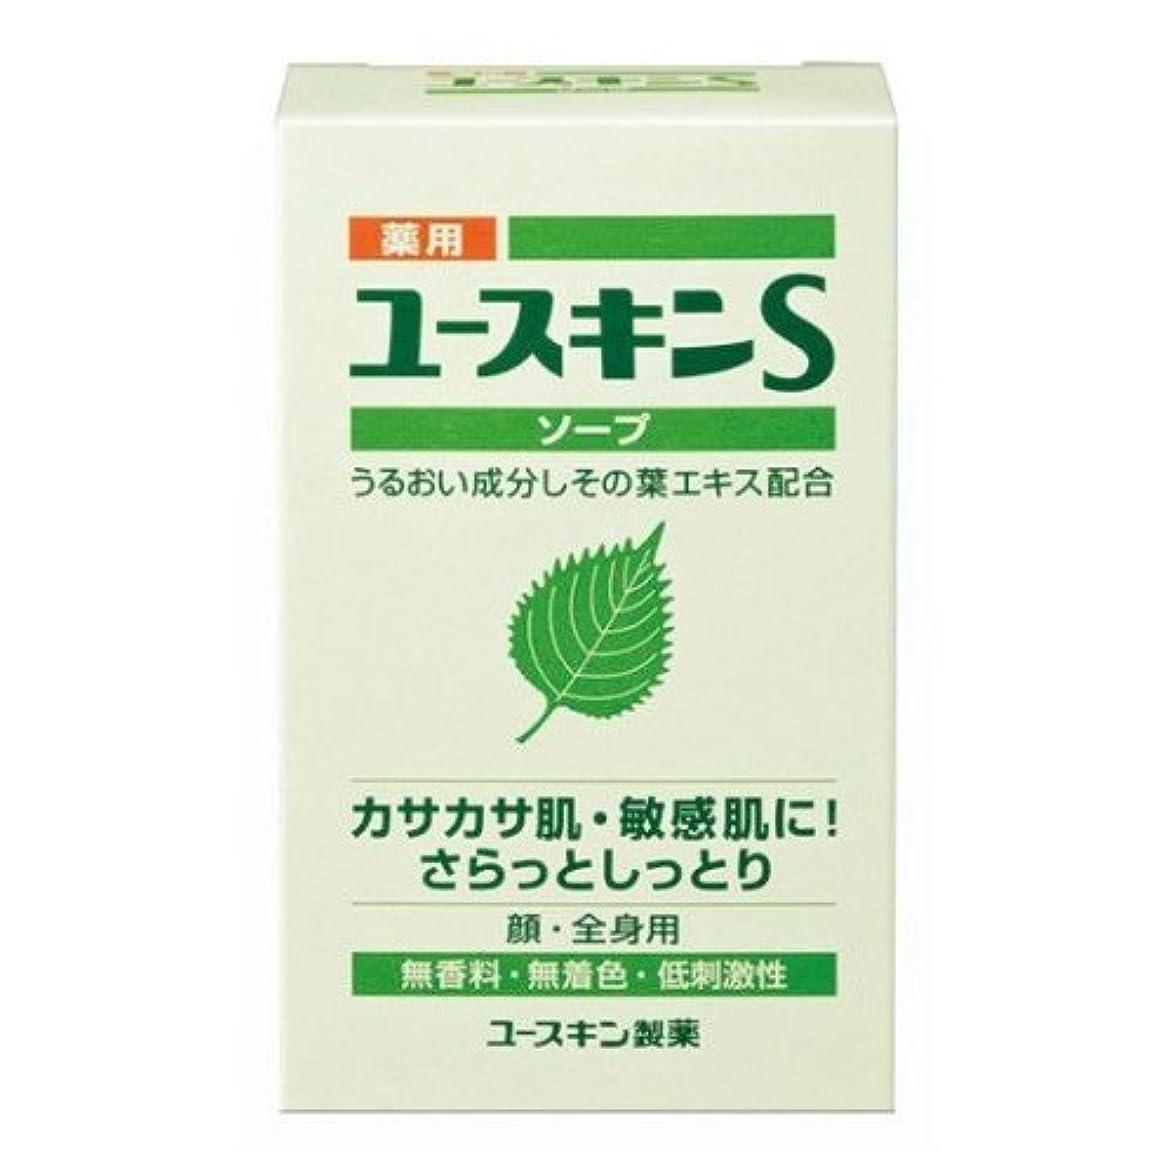 サドル手襲撃薬用ユースキンS ソープ 90g (敏感肌用 透明石鹸) 【医薬部外品】